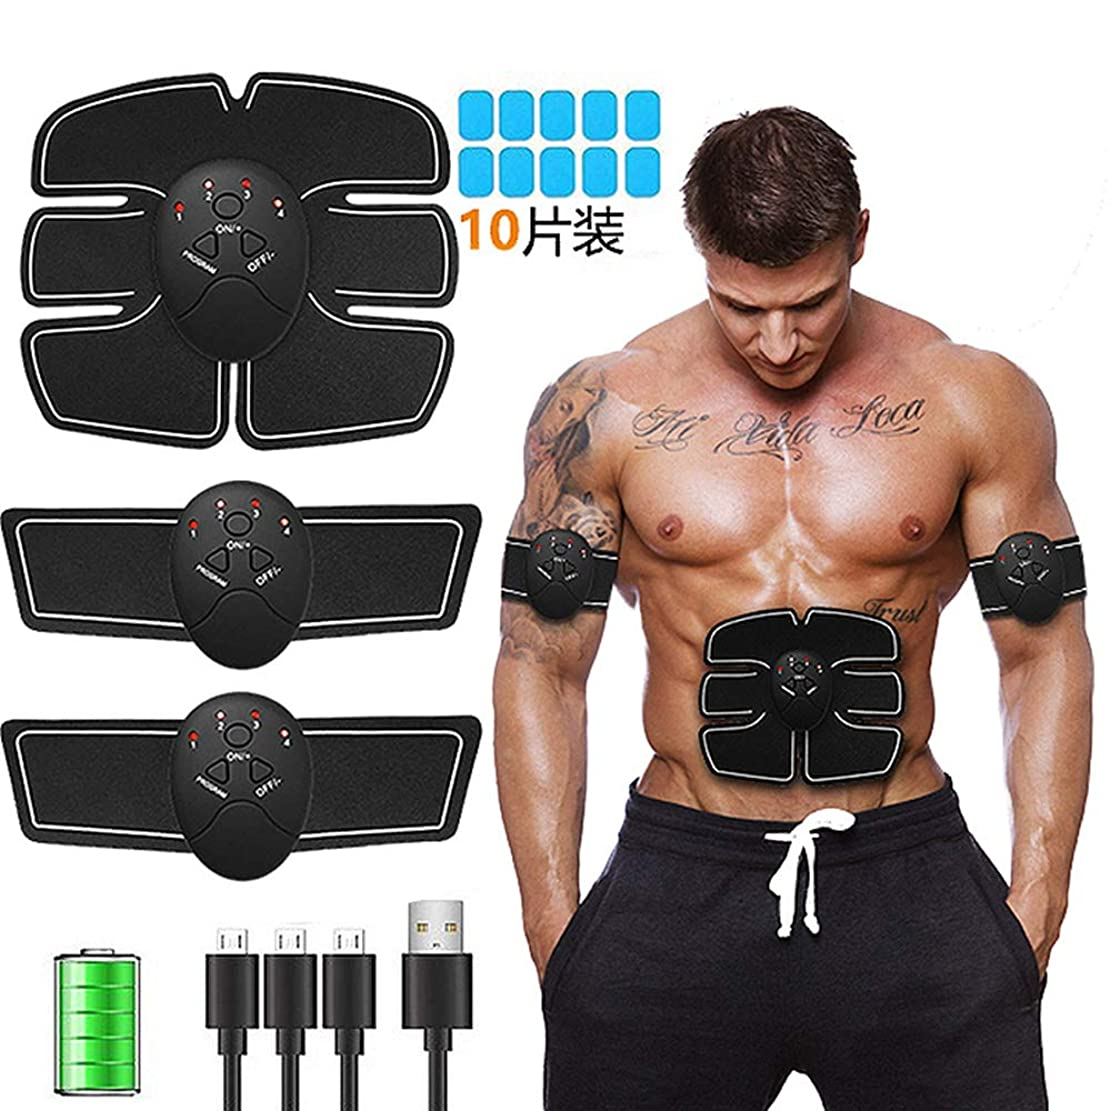 納得させる熱意魅力スマート腹部トレーナーusb電気ワイヤレスems筋肉刺激脂肪燃焼腰減量保つフィットネス機器フルボディマッサージユニセックス